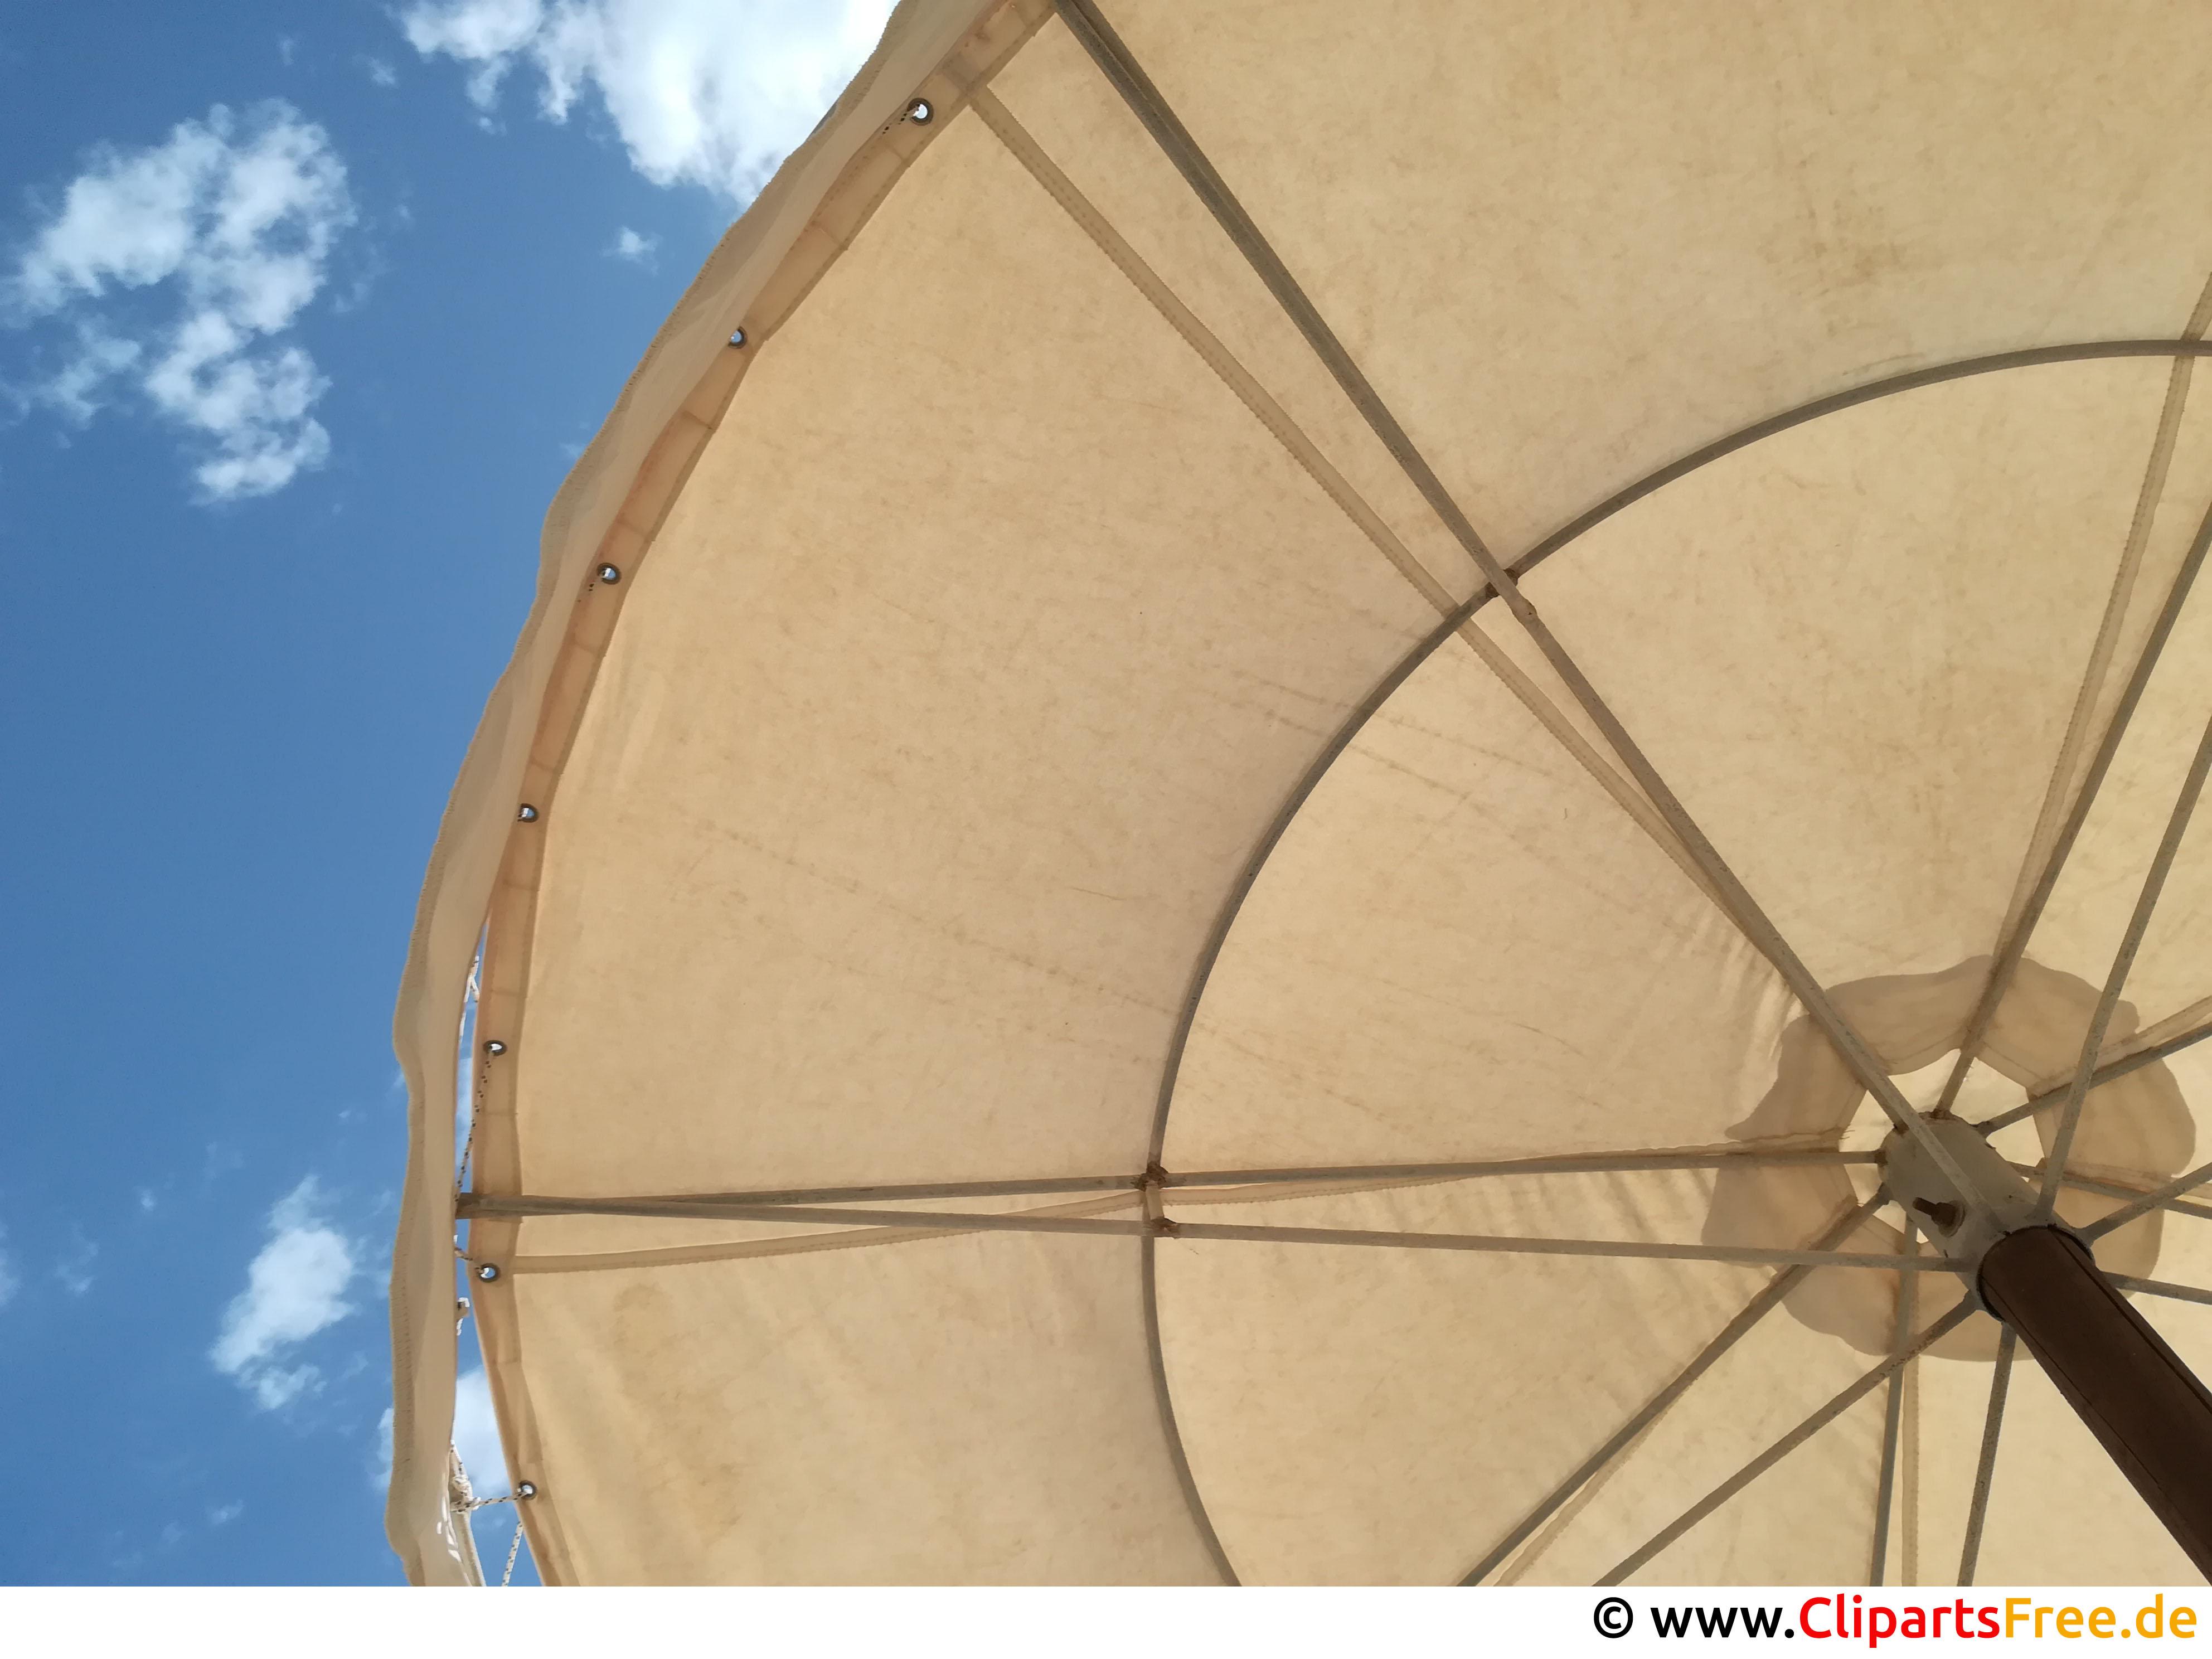 Blick auf Sonnenschirm von unten Bild kostenlos